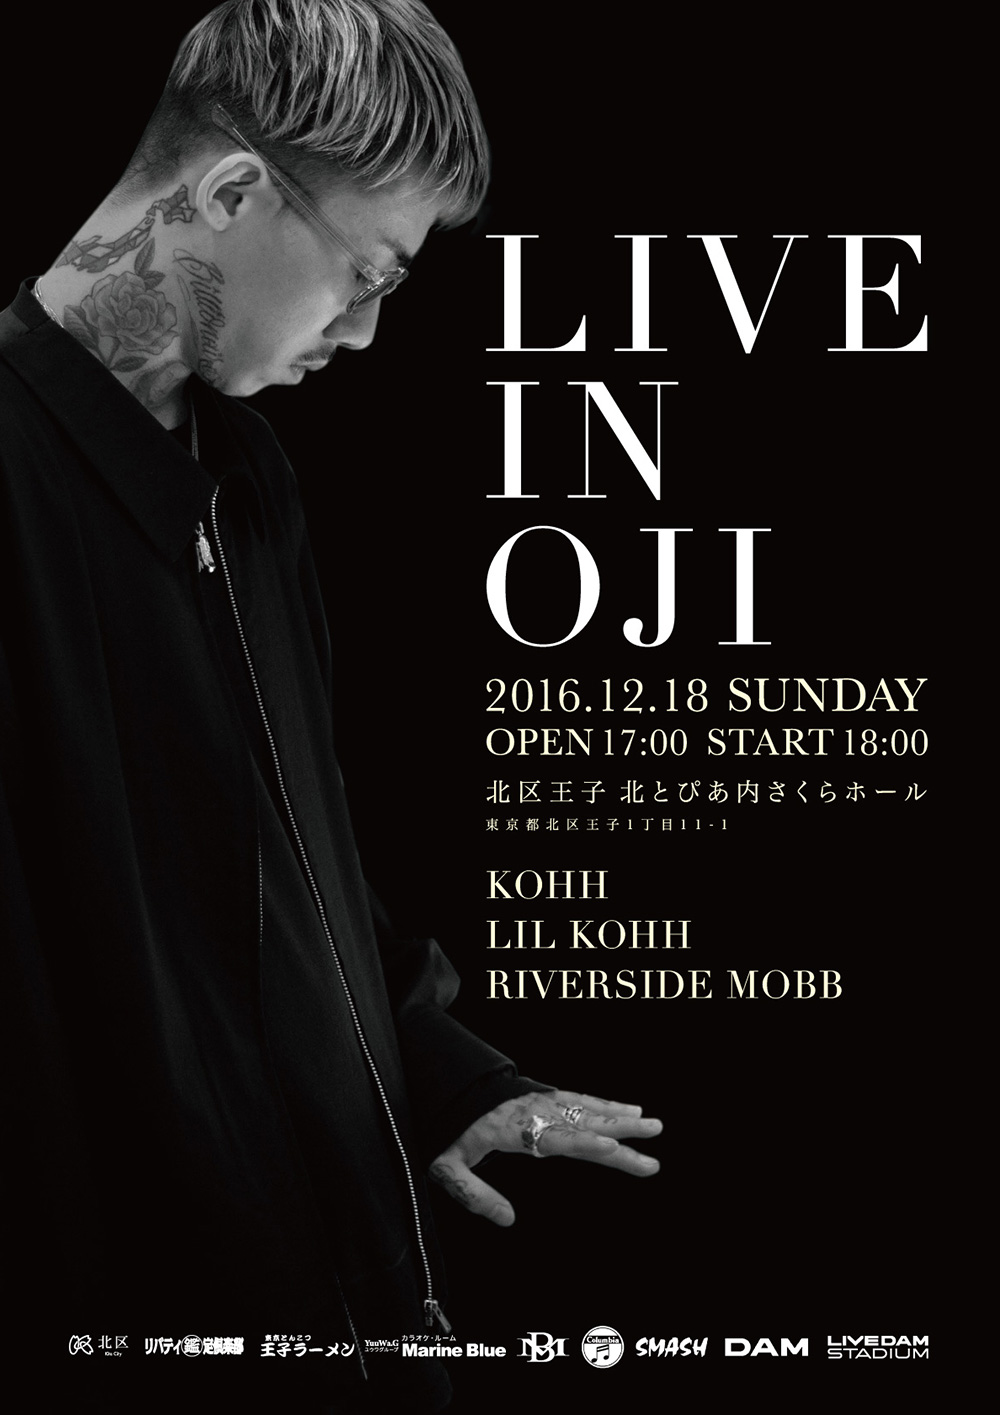 live-in-oji_poster_a2